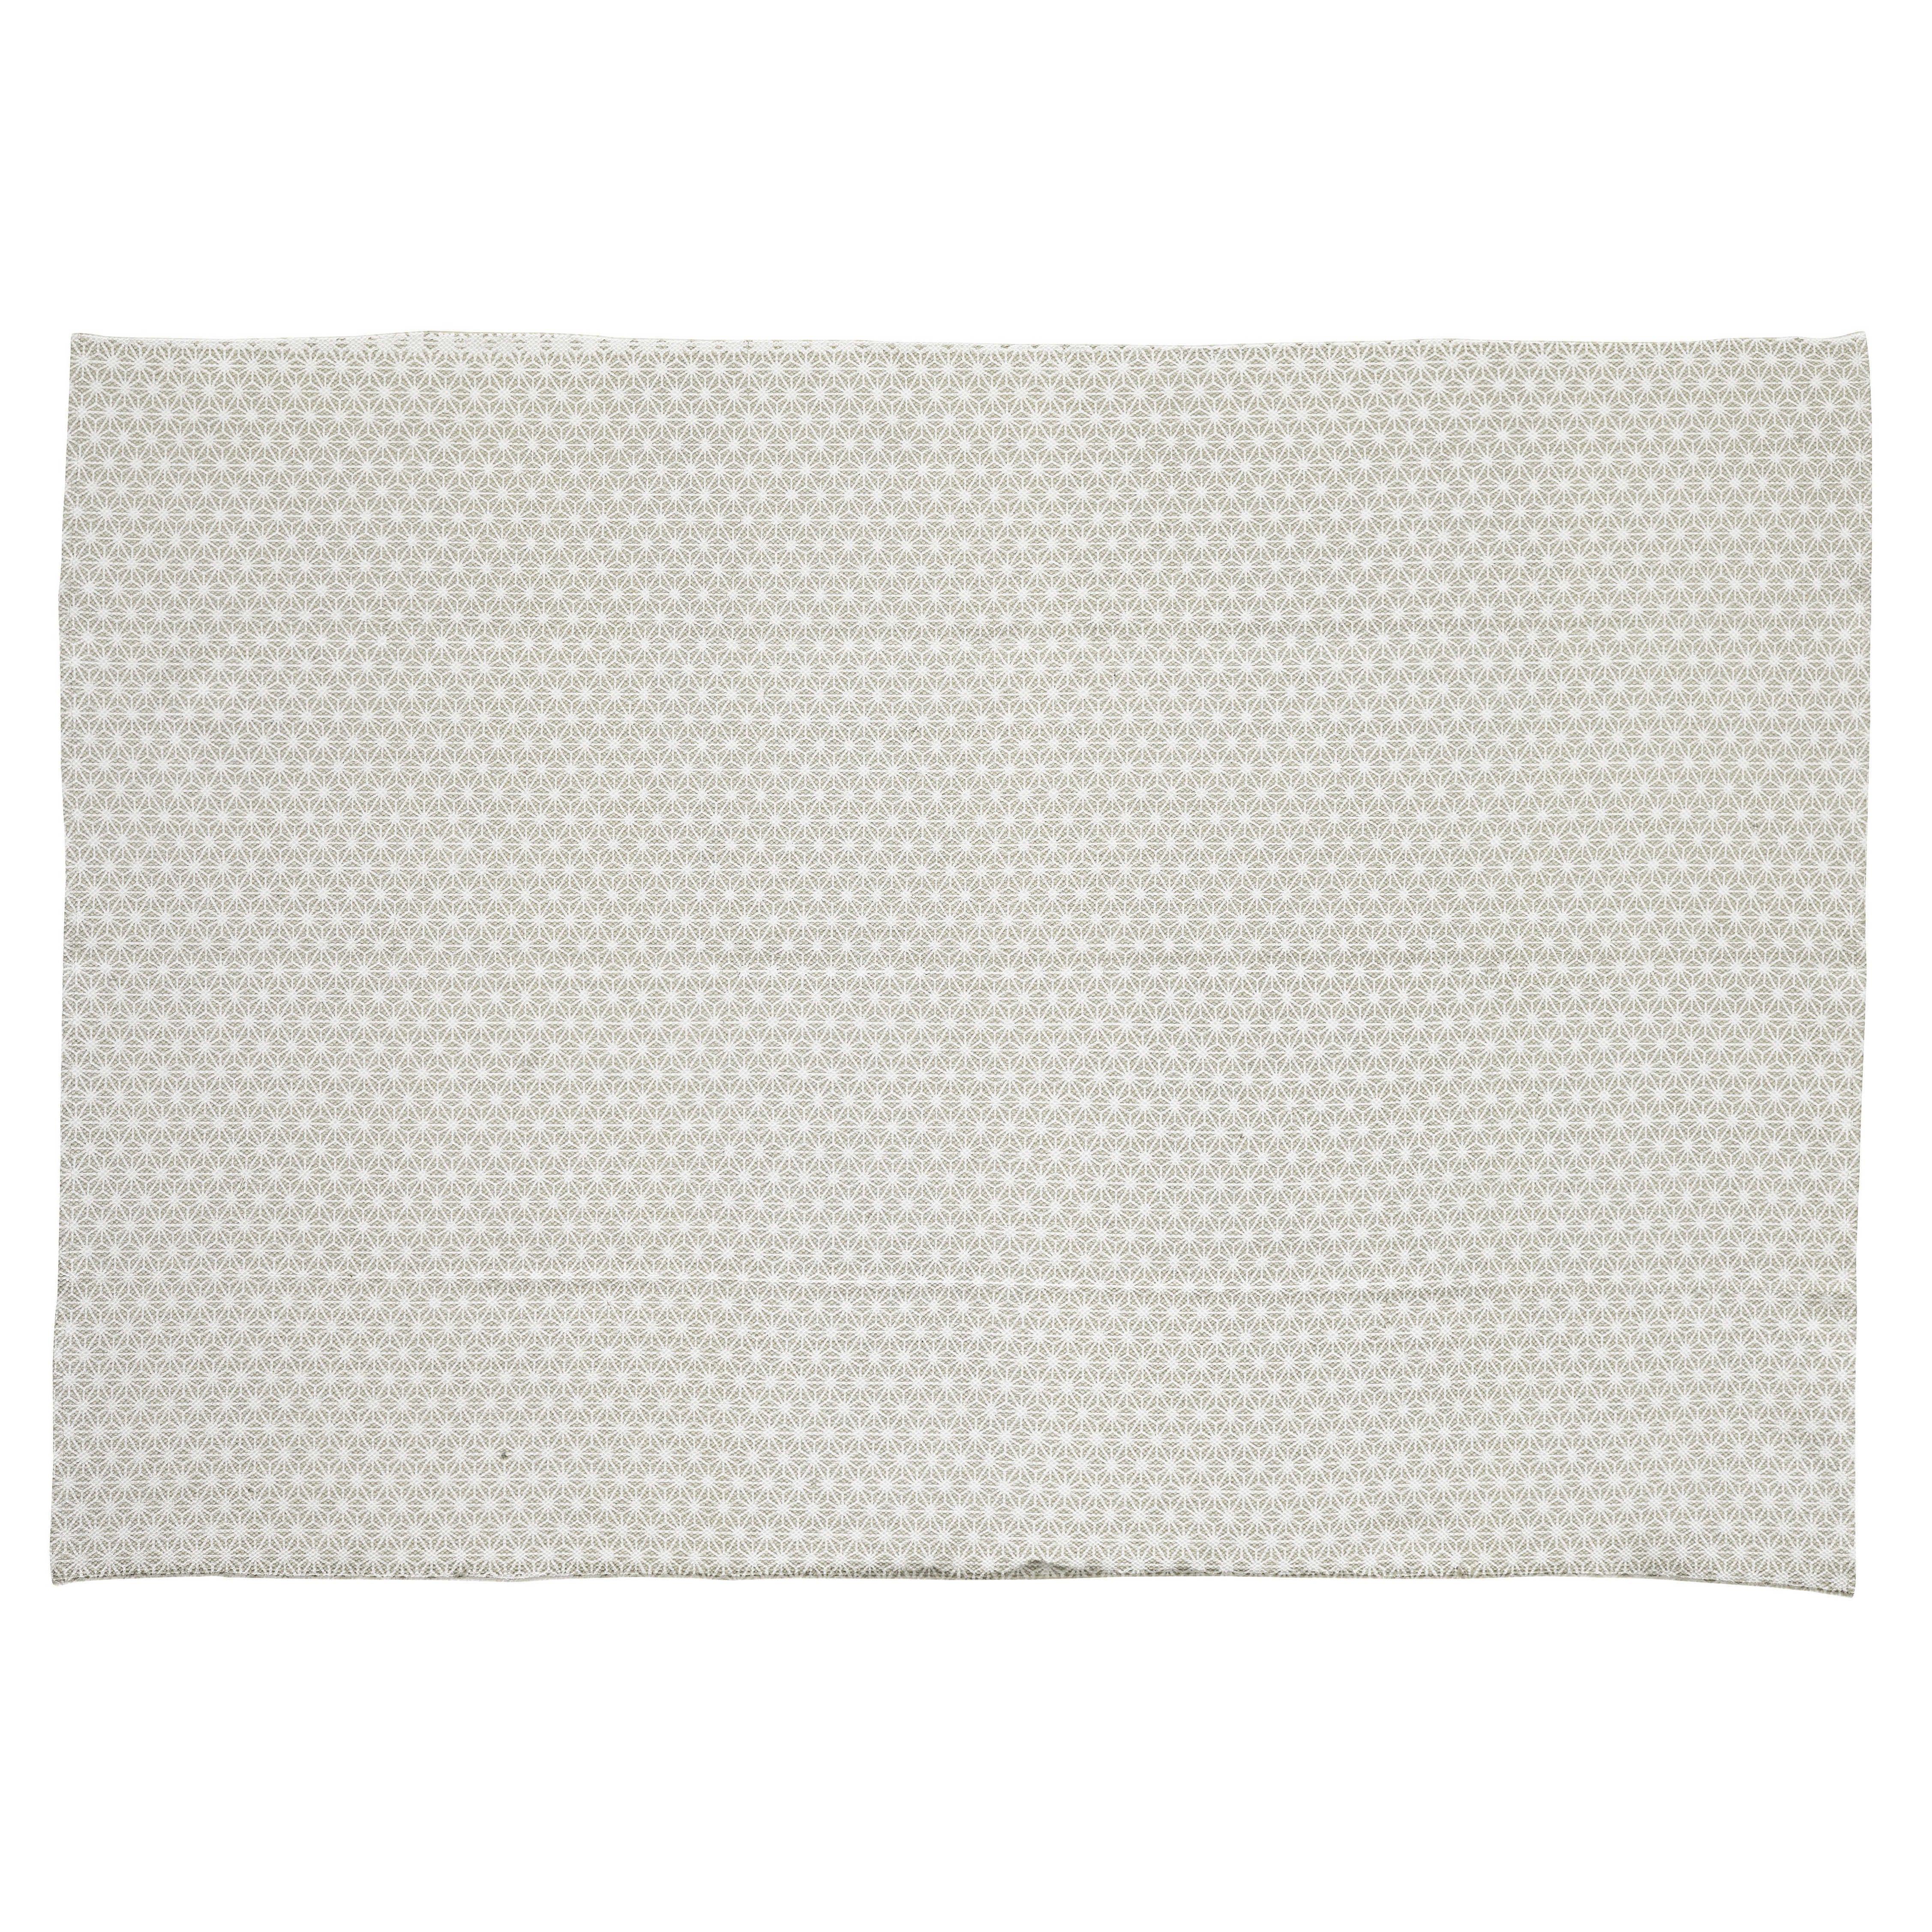 Tessile d'arredo Rugs, Origami, Cotton